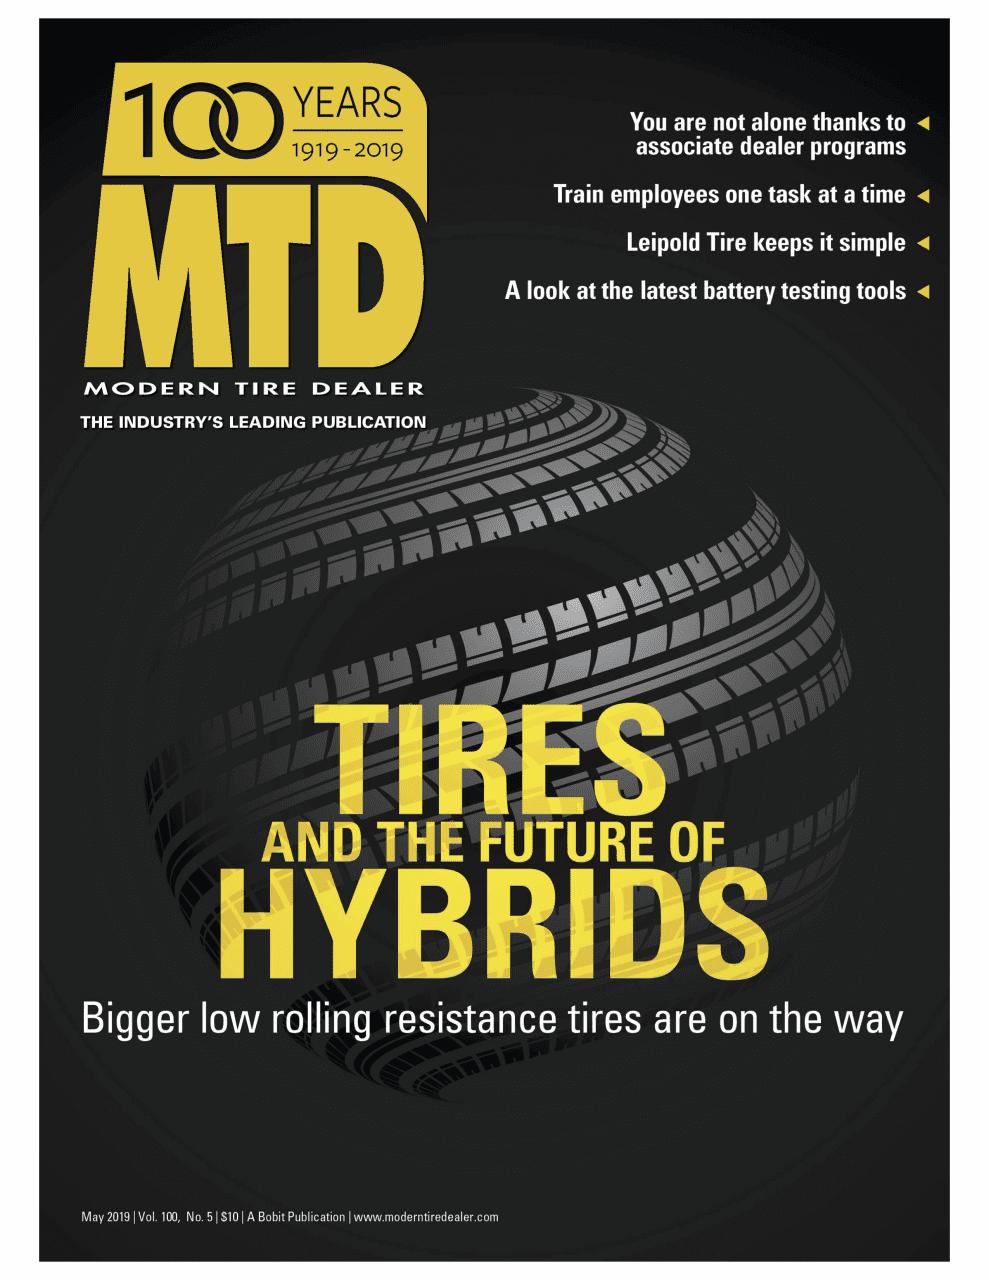 Modern Tire Dealer